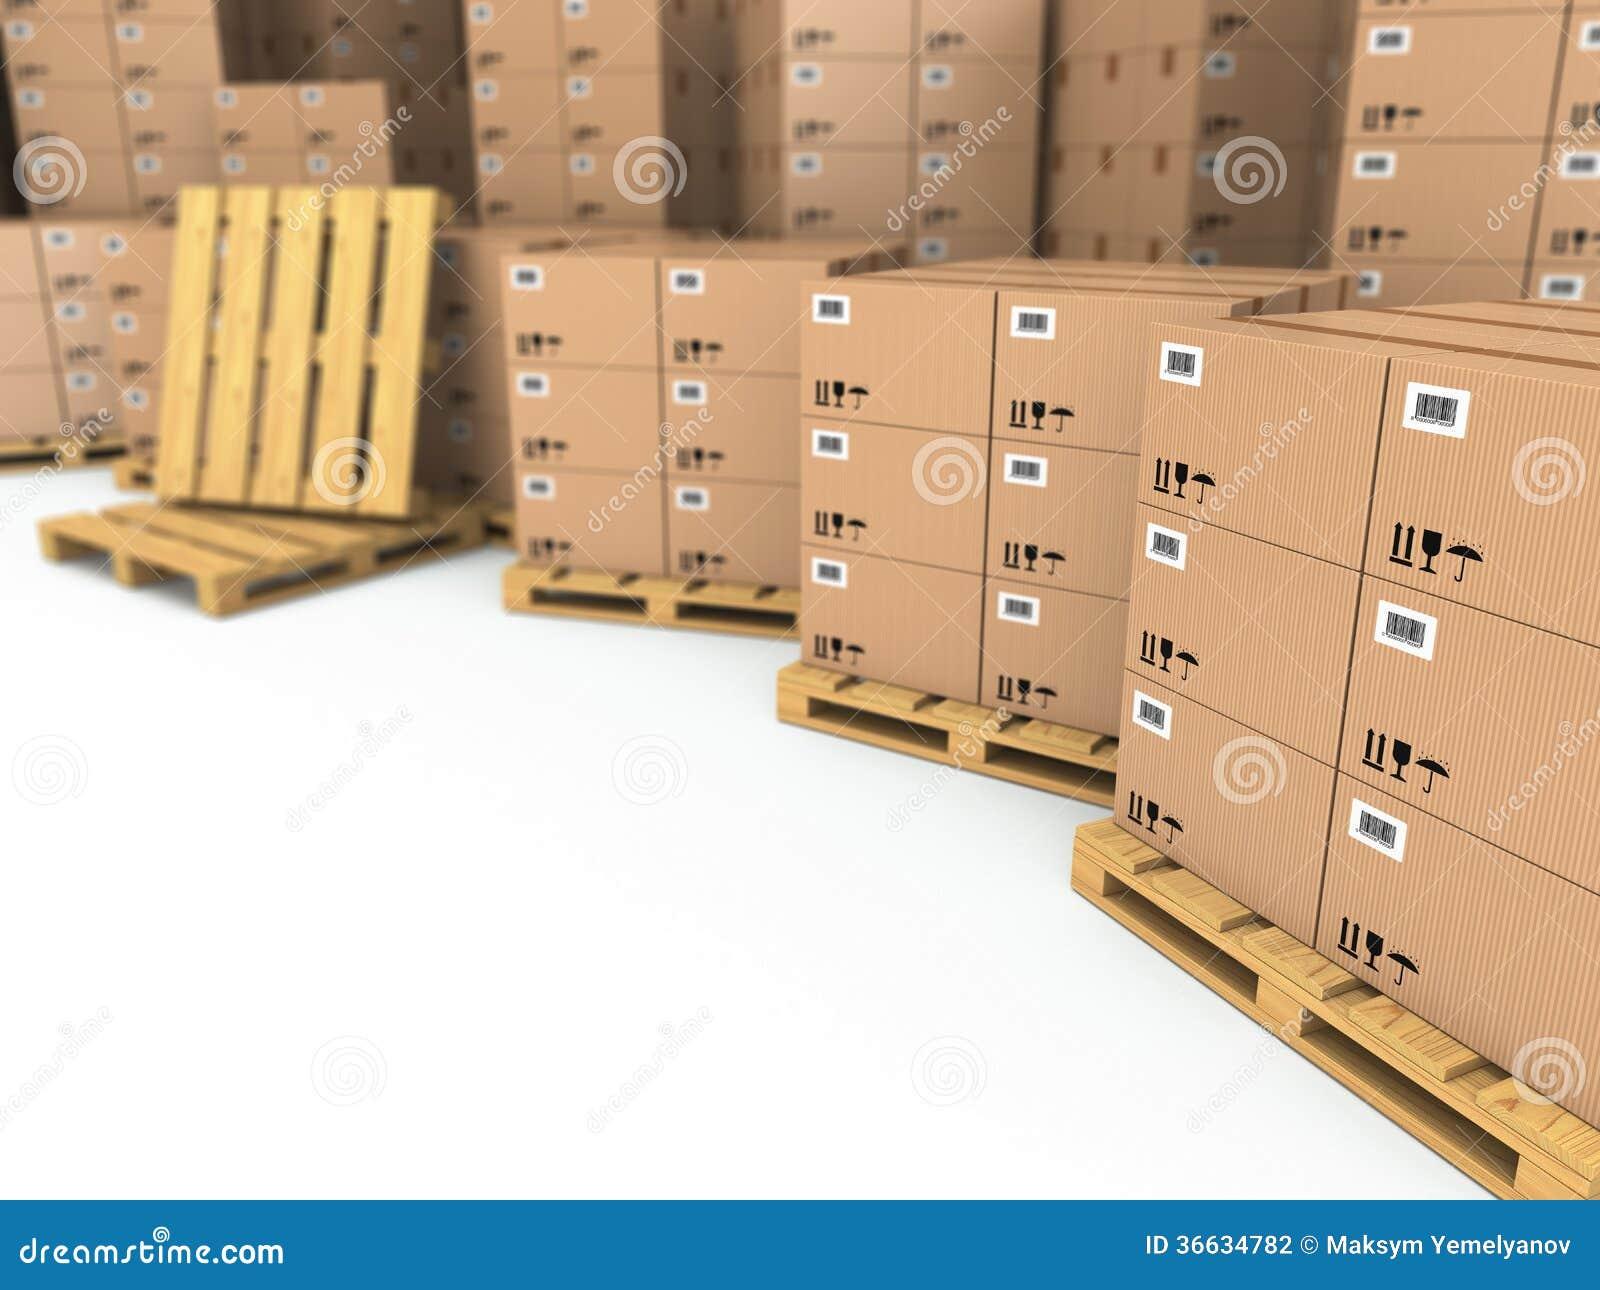 Almacenamiento cajas de cart n en la plataforma for Cajas almacenamiento ikea